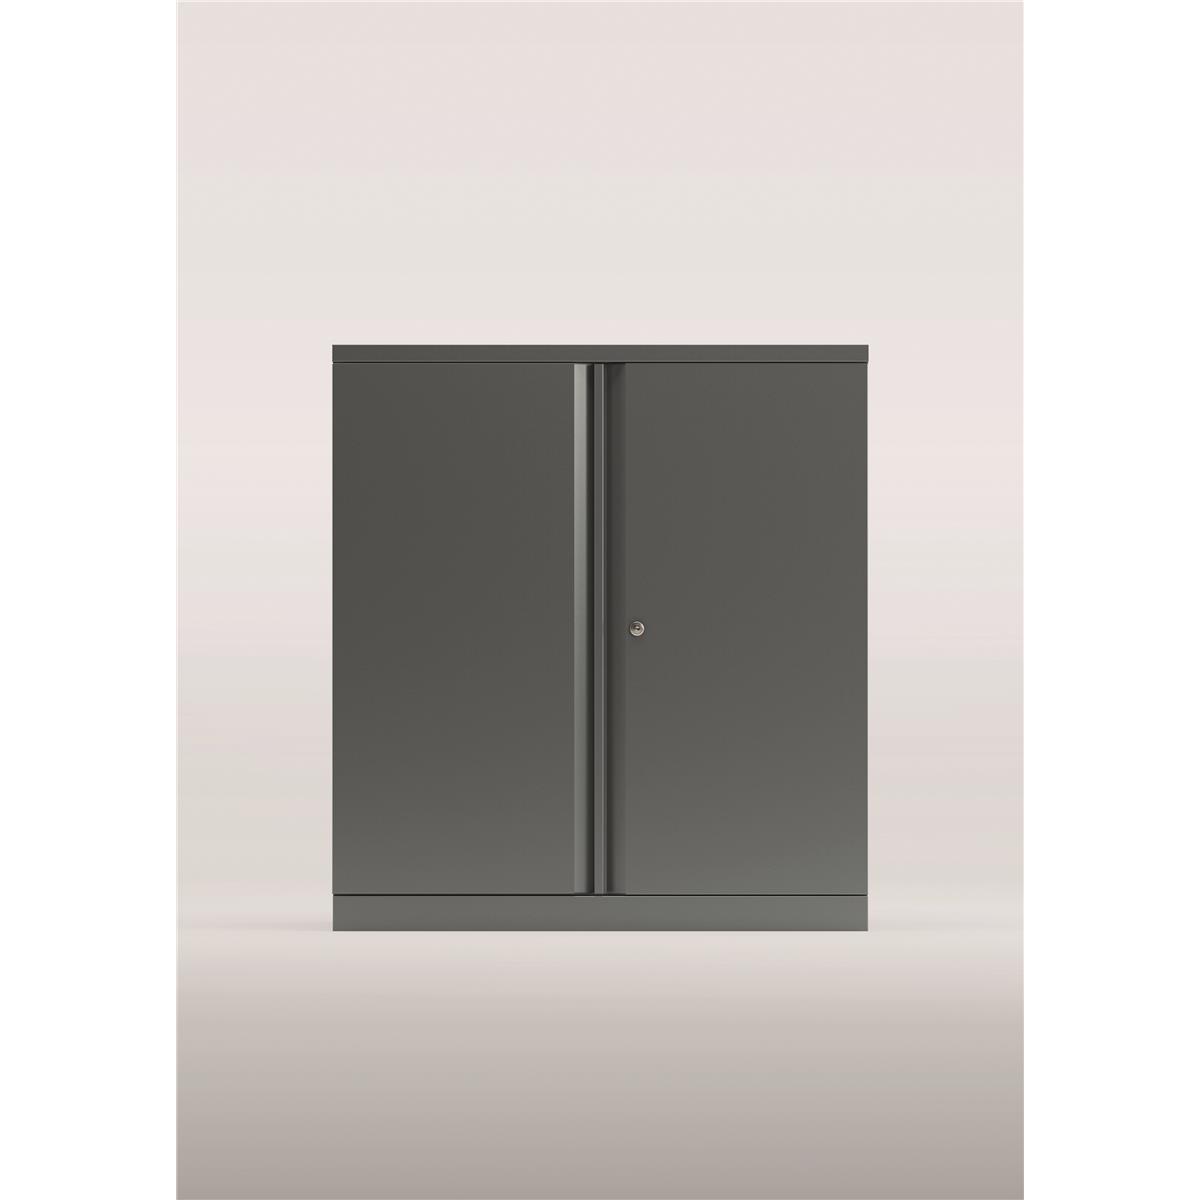 Storage cabinets Bisley Two Door Steel Storage Cupboard 914x470x1000-1015mm Silver Ref YECB0910/1S-arn